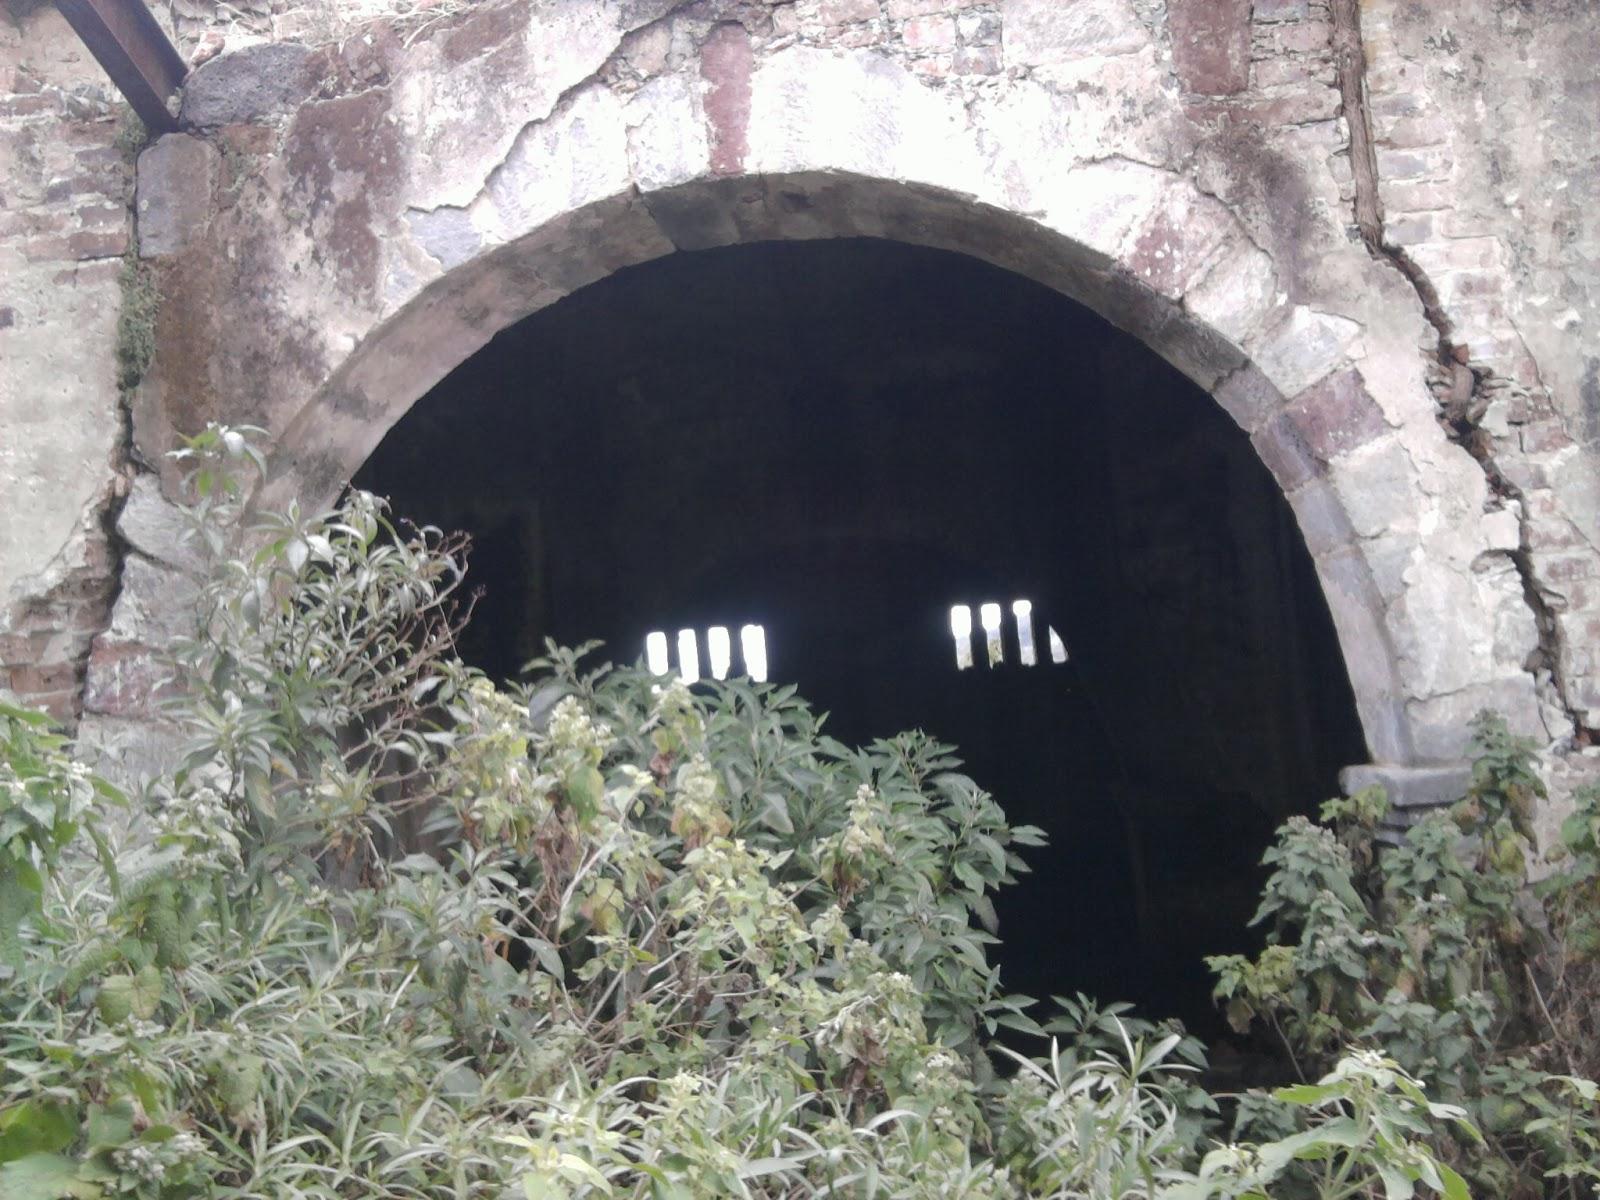 El tesoro que Hidalgo dejó en Aculco. Historia real y documentada. Foto0234